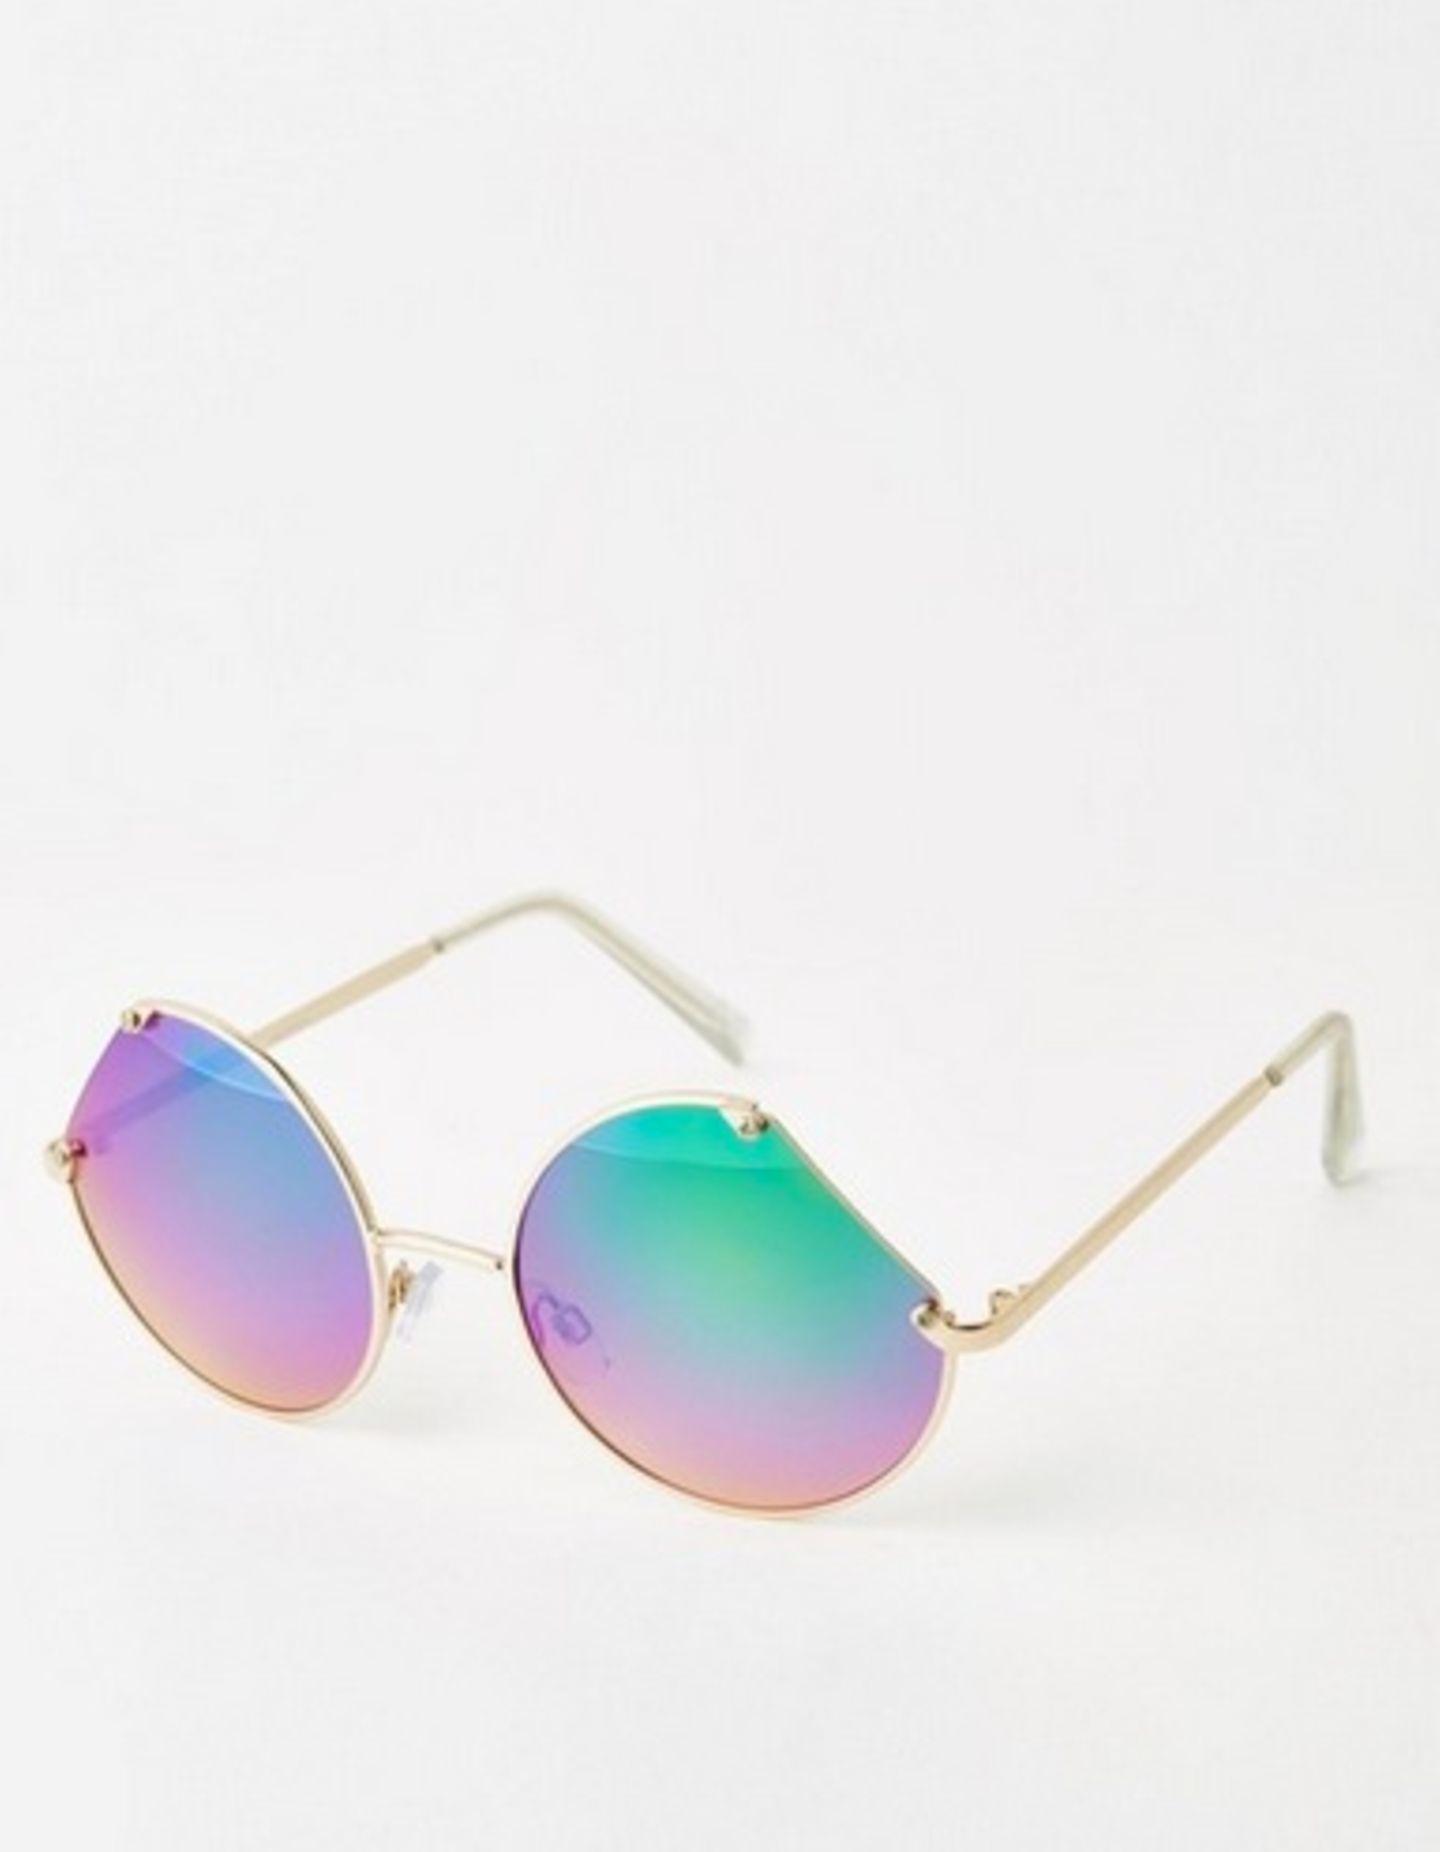 Sommer: Anzeige: Sonnenbrille mit bunt verspiegelten Gläsern und rundem Gestell, mit Aussparungen an den Seiten, über Asos, ca. 20 Euro.